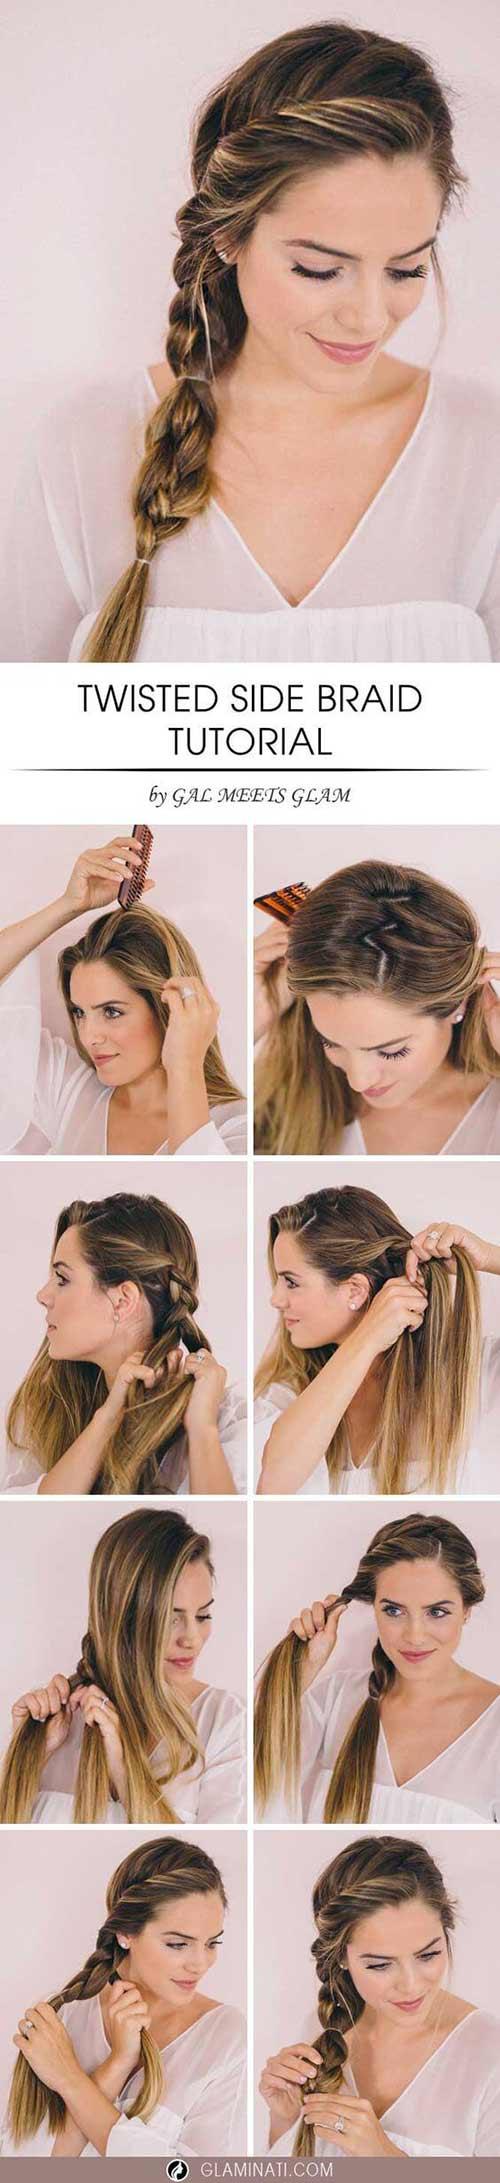 19. Twisted Side Braid